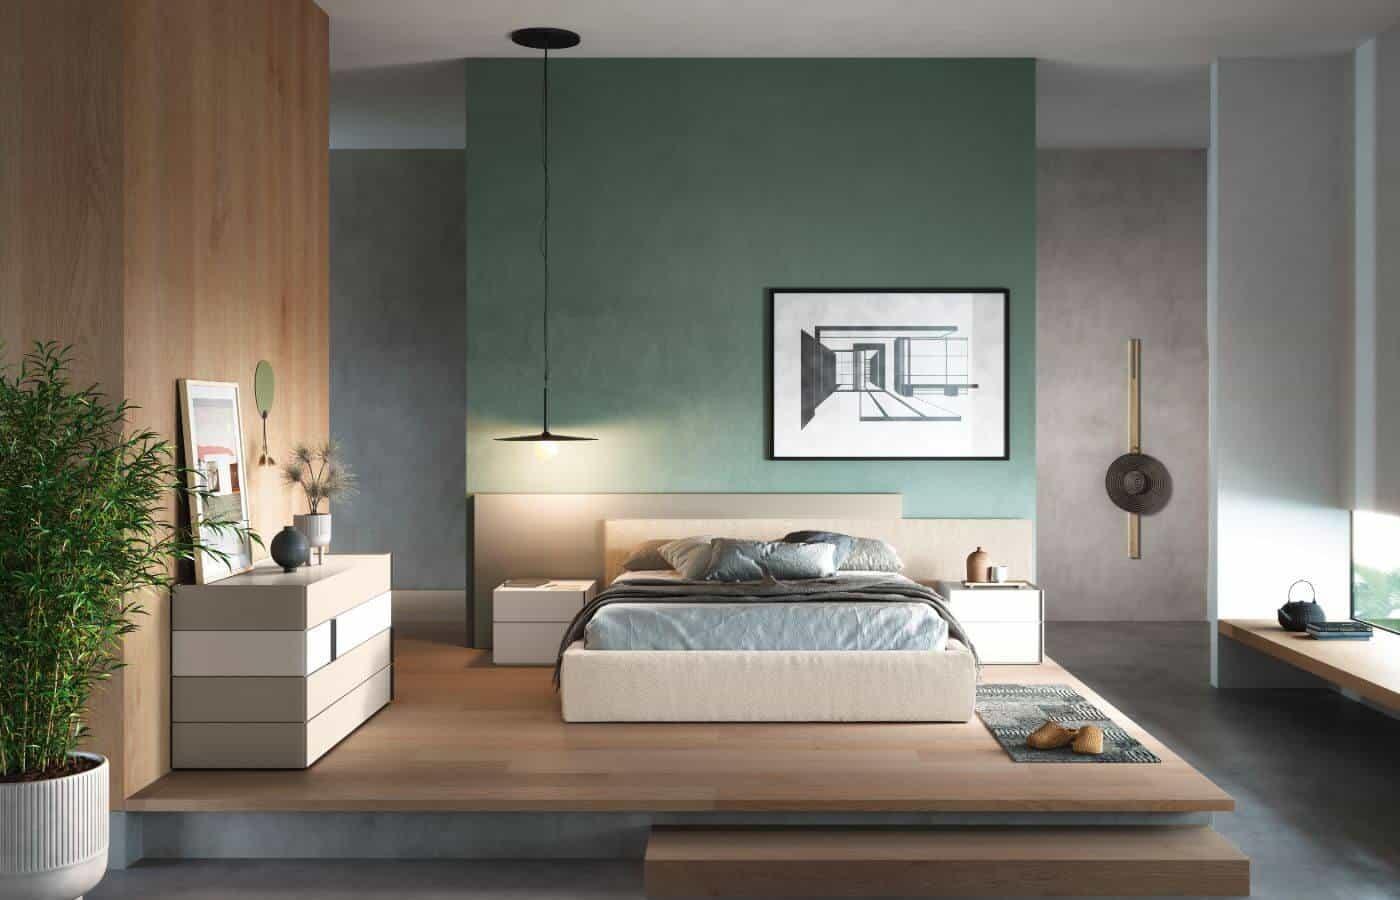 zona-notte-gruppo-letto-collezione-quirino-il-mobile (2)